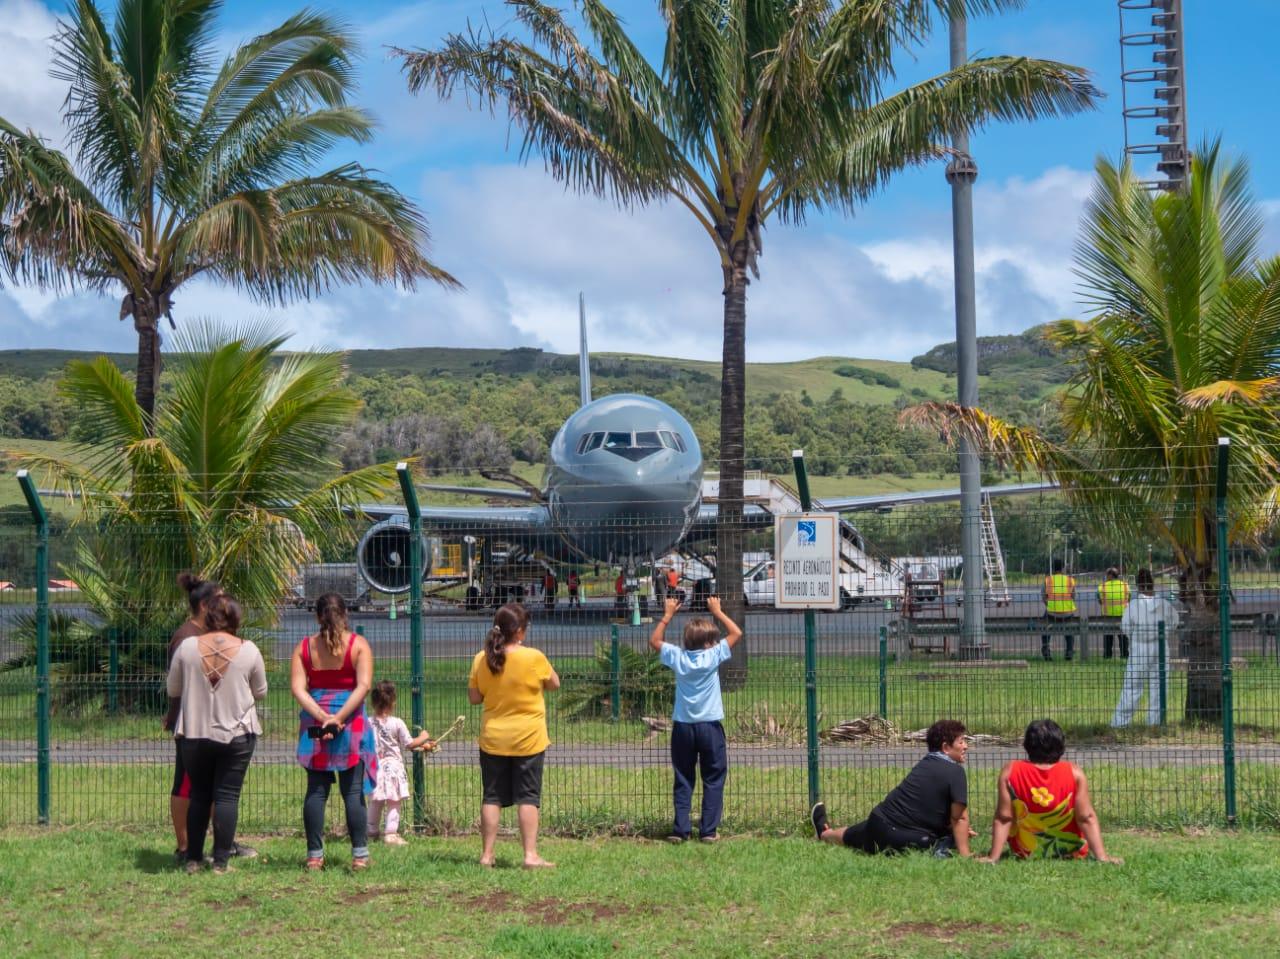 RAPA NUI: Aterrizaje de avión militar dejó una persona herida y afectó manifestación de mujeres. Dirigentas acusan intencionalidad de la FACH